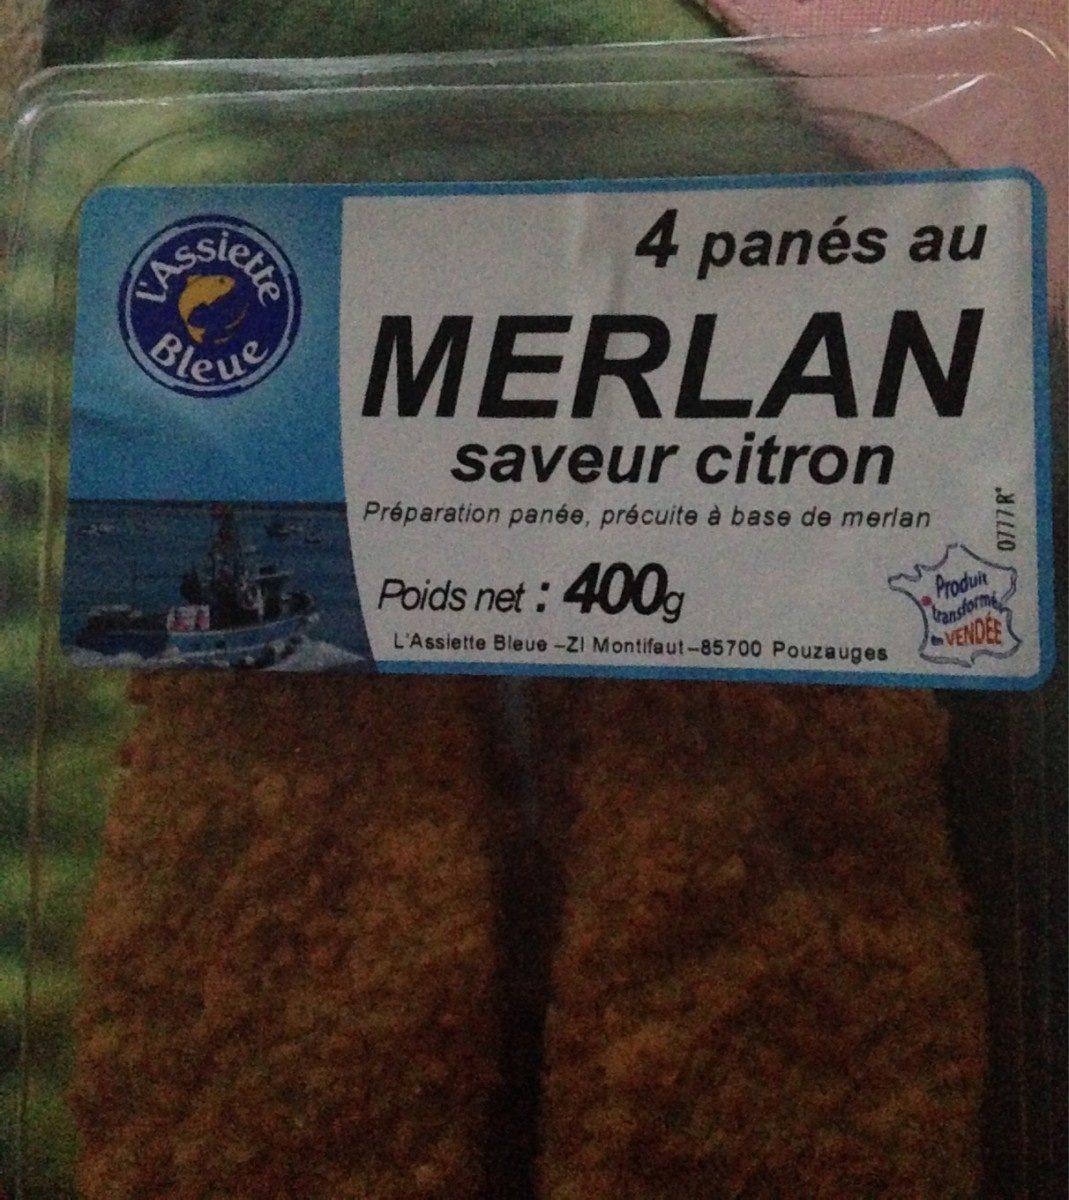 Panés au merlan saveur citron - Product - fr